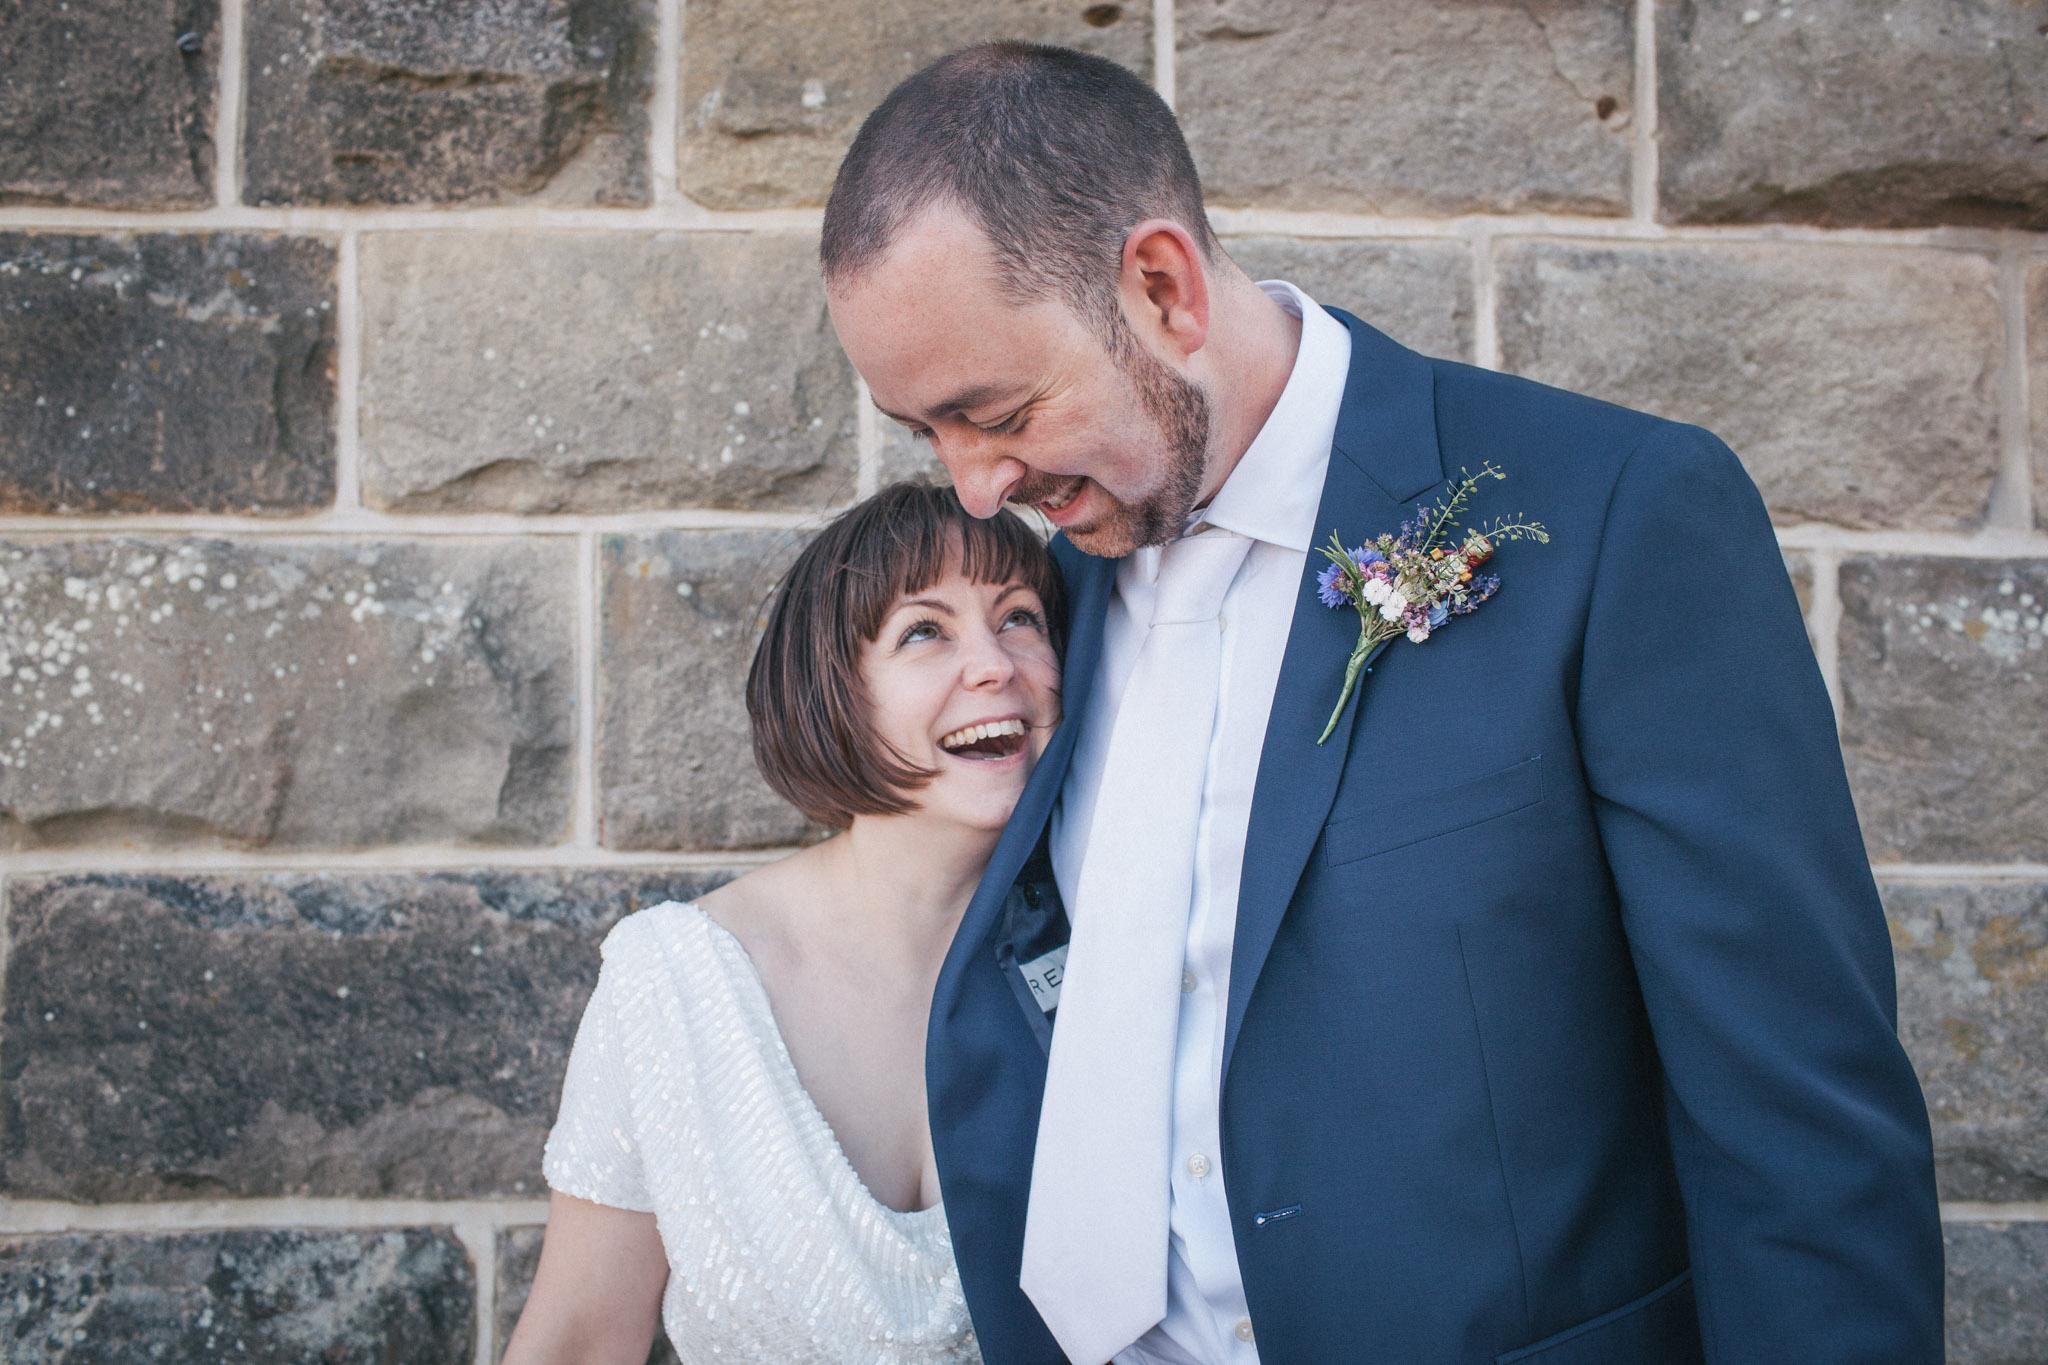 wedding_robin_hoods_bay_whitby_071.jpg